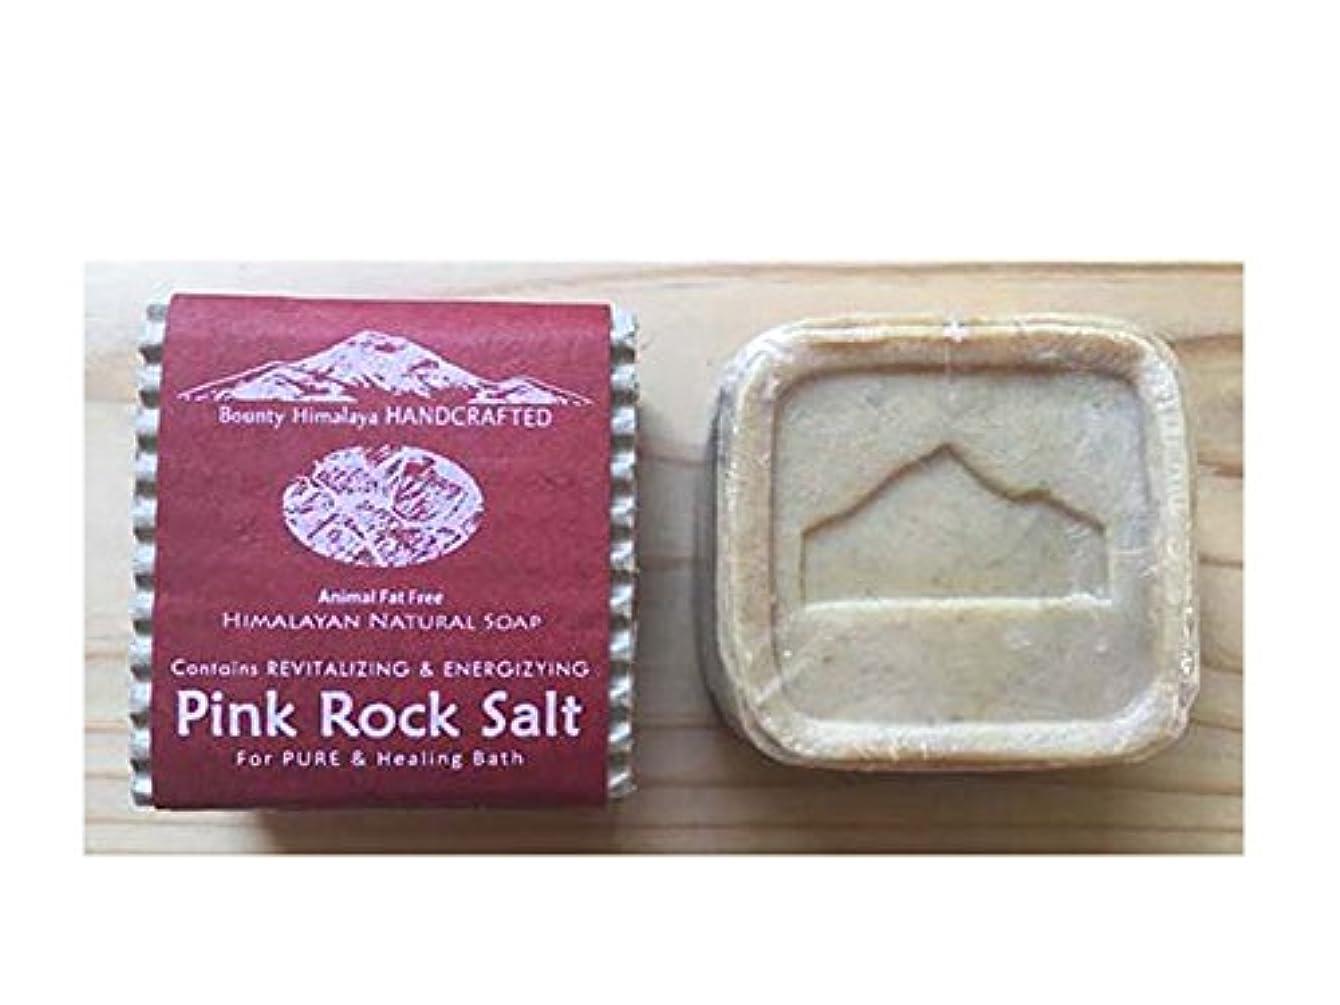 織機水族館凝縮するアーユルヴェーダ ヒマラヤ?ロッキーソープ(ピンクロックソルトソープ) Bounty Himalaya Pink Rock Salt SOAP(NEPAL AYURVEDA) 100g